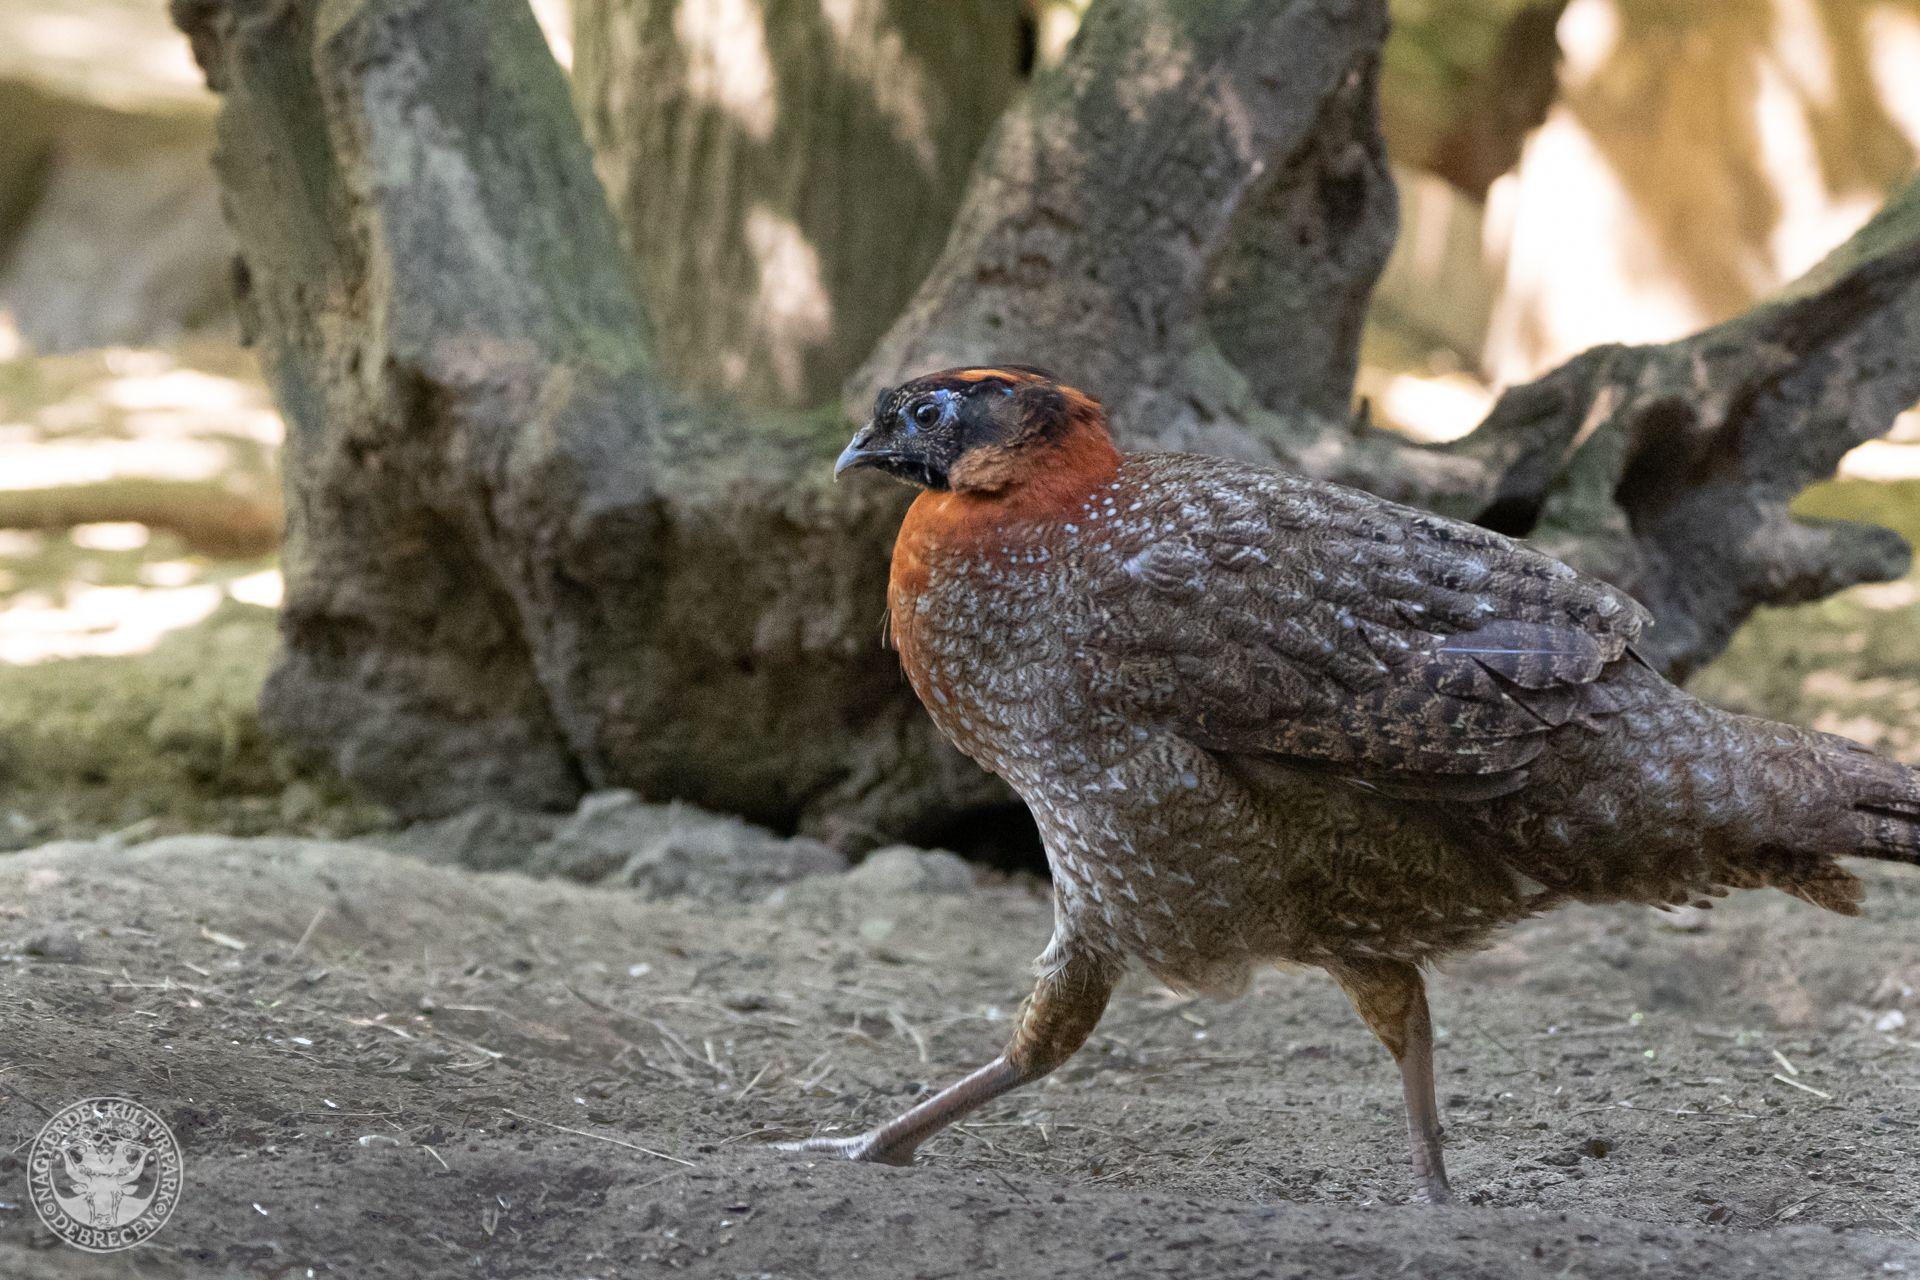 Újabb ritka távol-keleti fácánfélék láthatók a Debreceni Állatkertben!